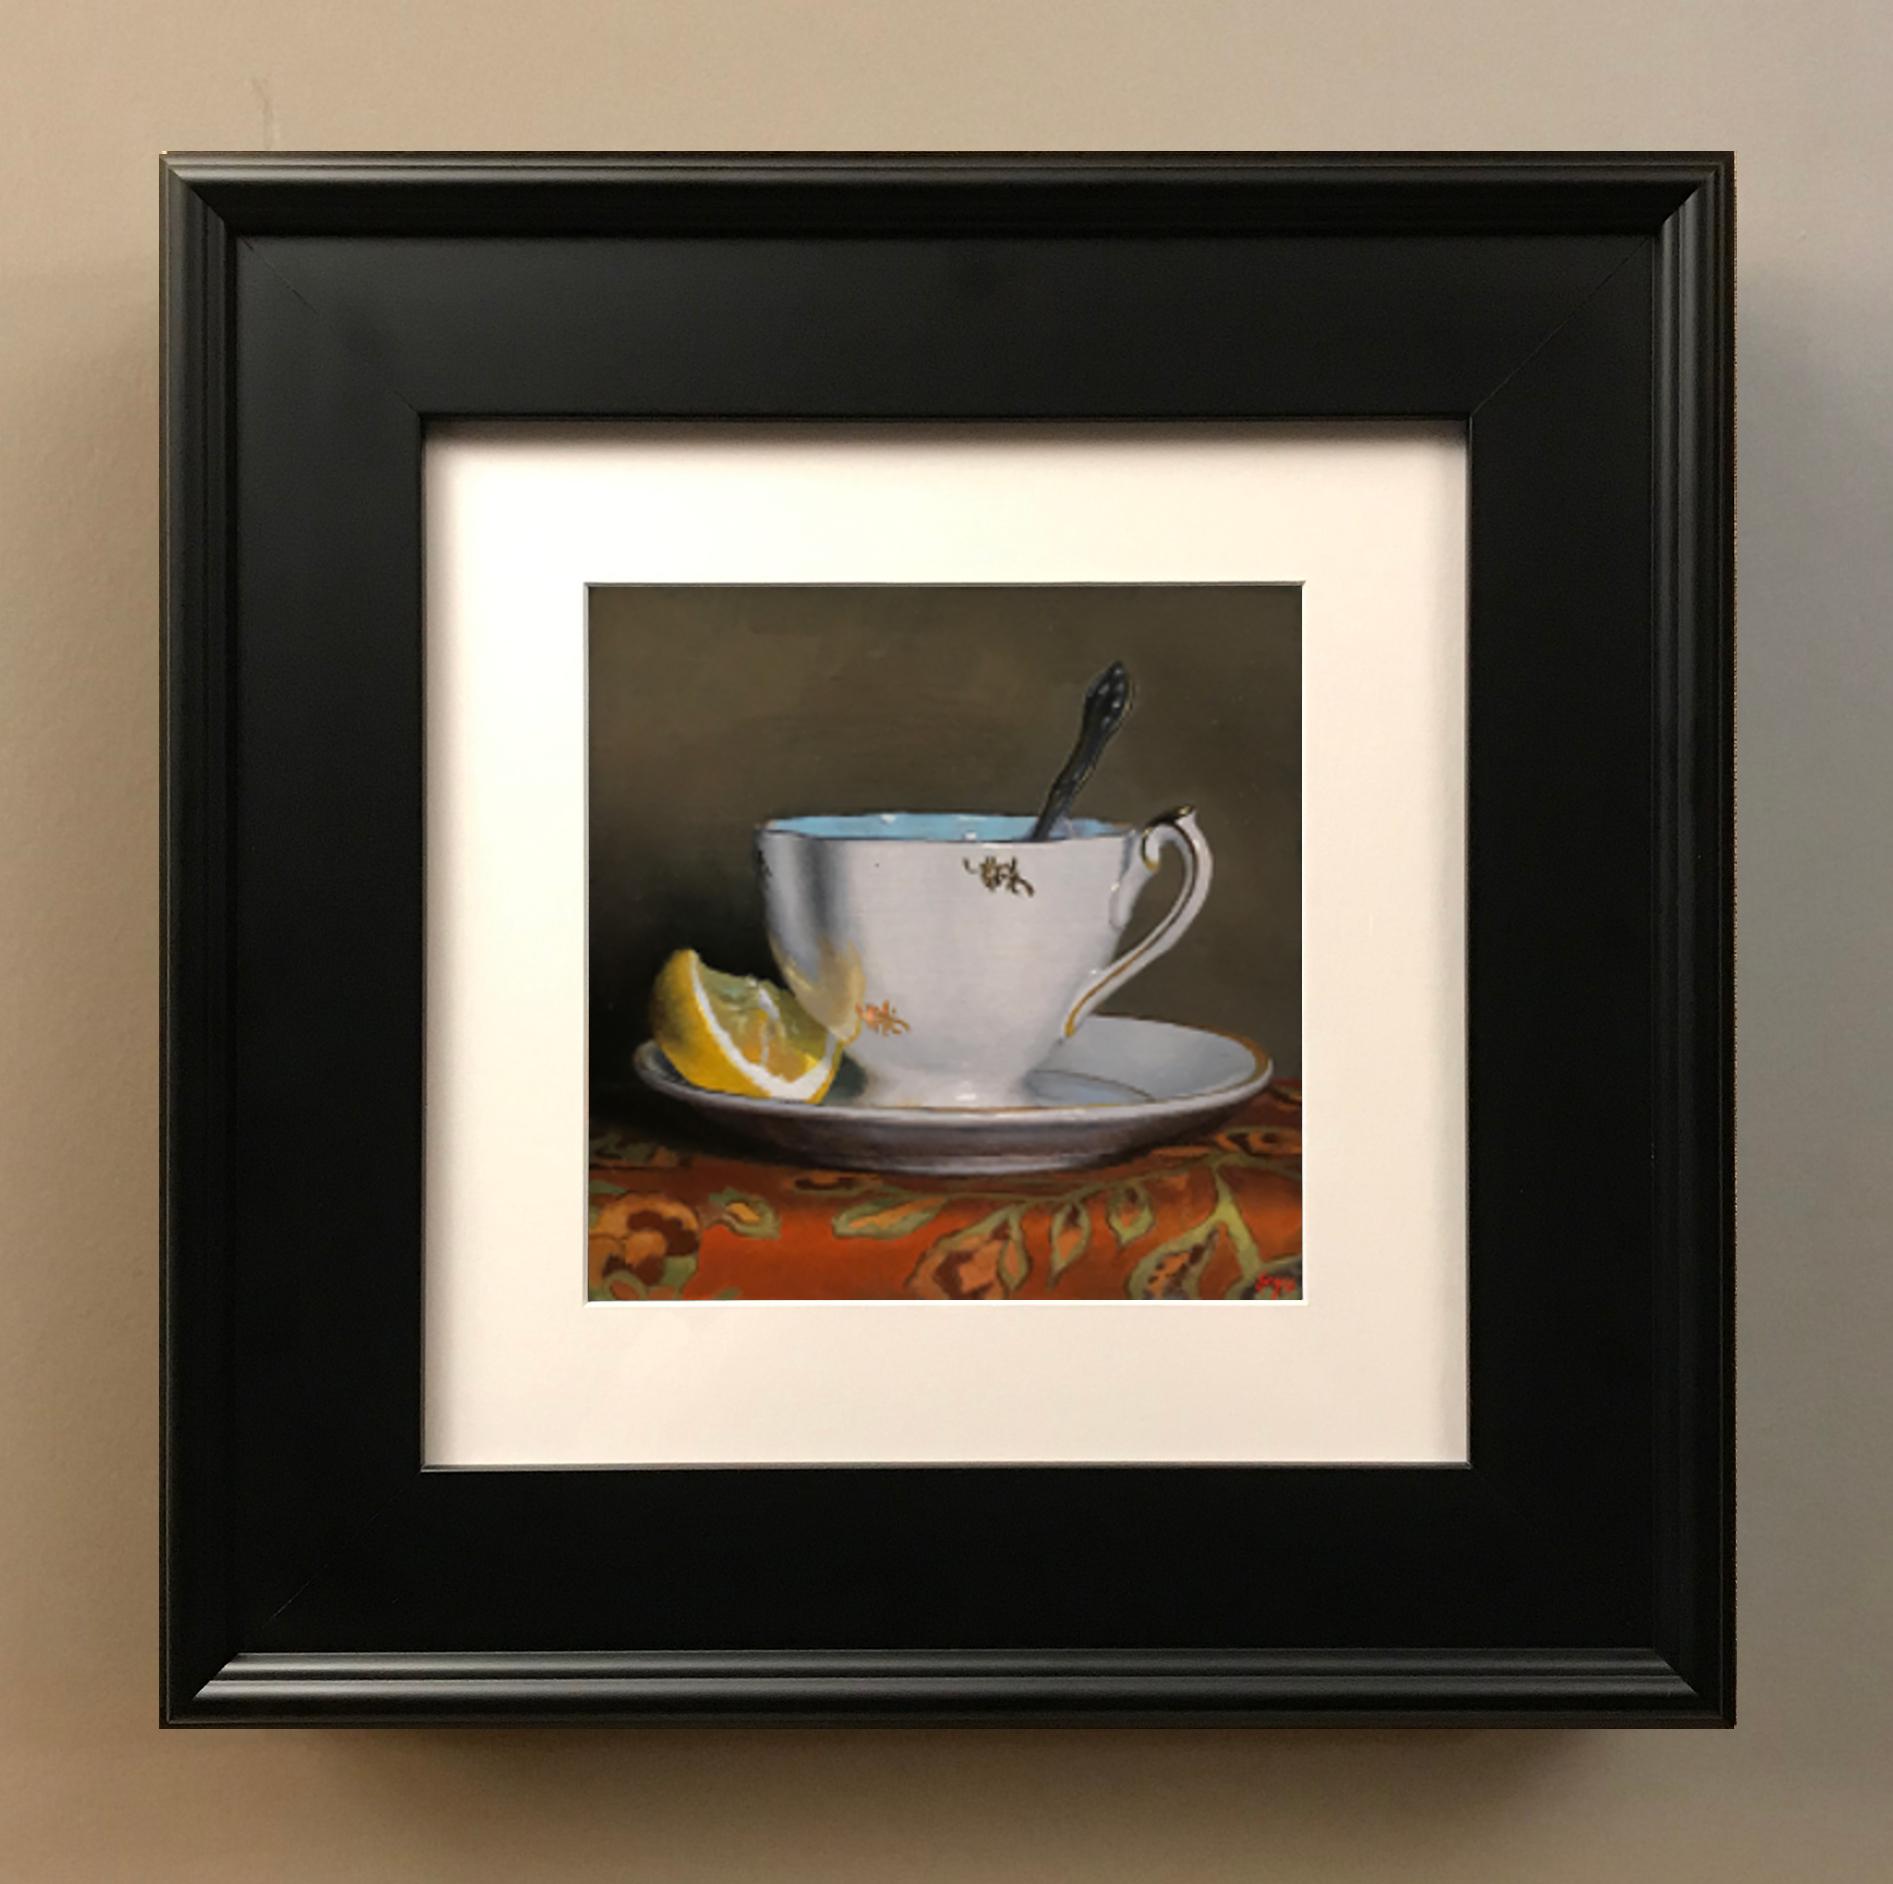 101433-print-plein-air-framed-black